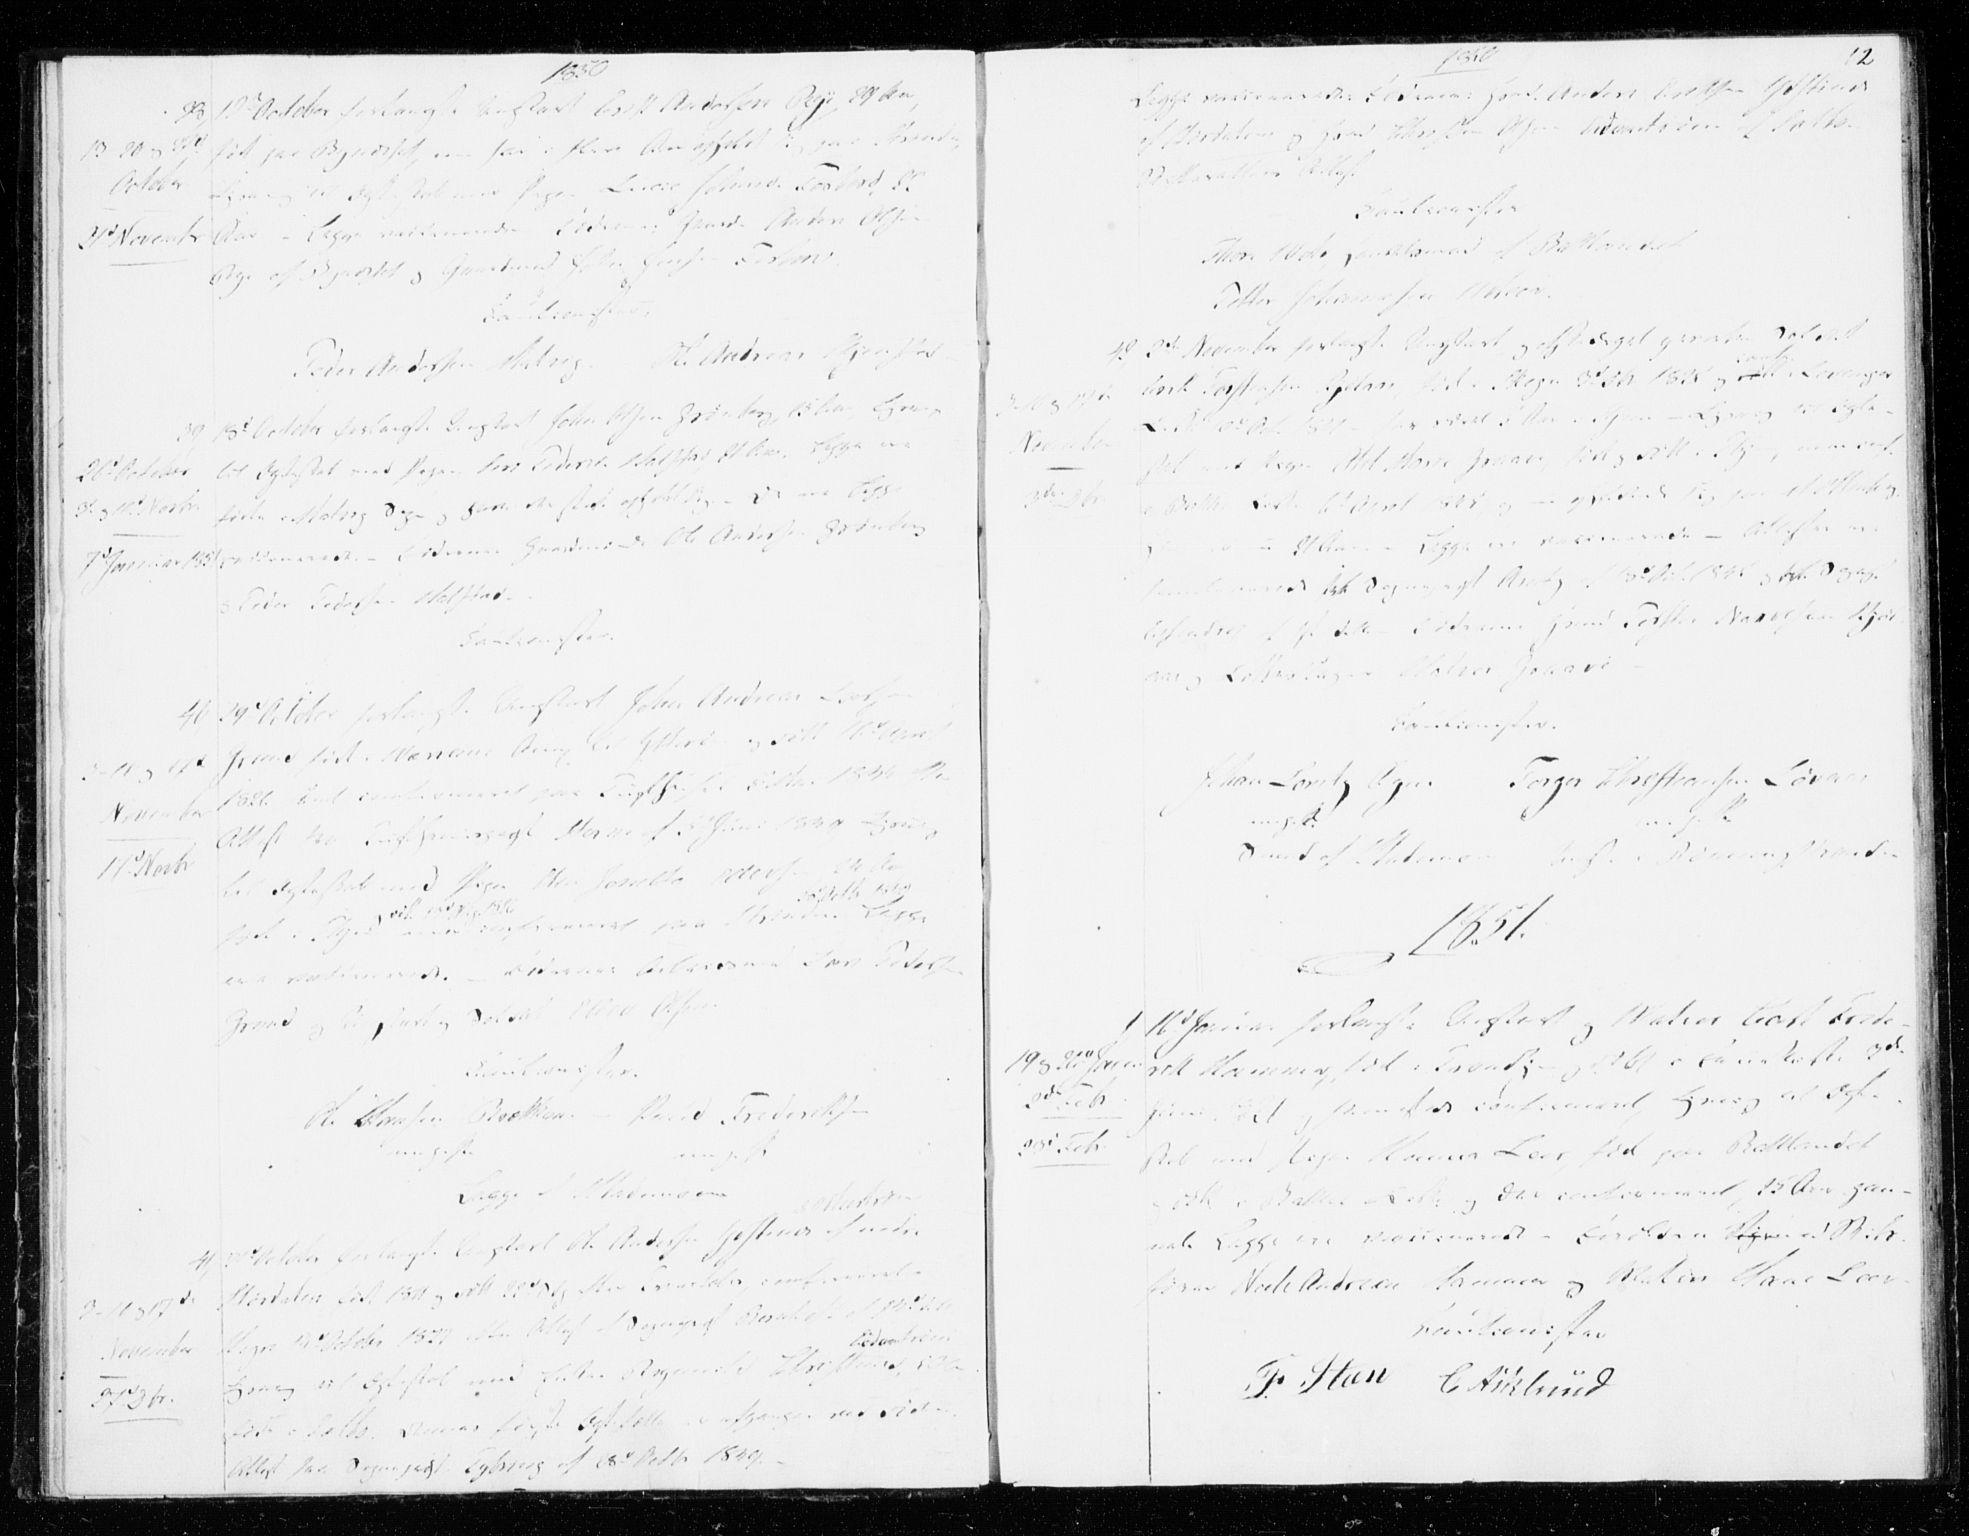 SAT, Ministerialprotokoller, klokkerbøker og fødselsregistre - Sør-Trøndelag, 606/L0296: Lysningsprotokoll nr. 606A11, 1849-1854, s. 12